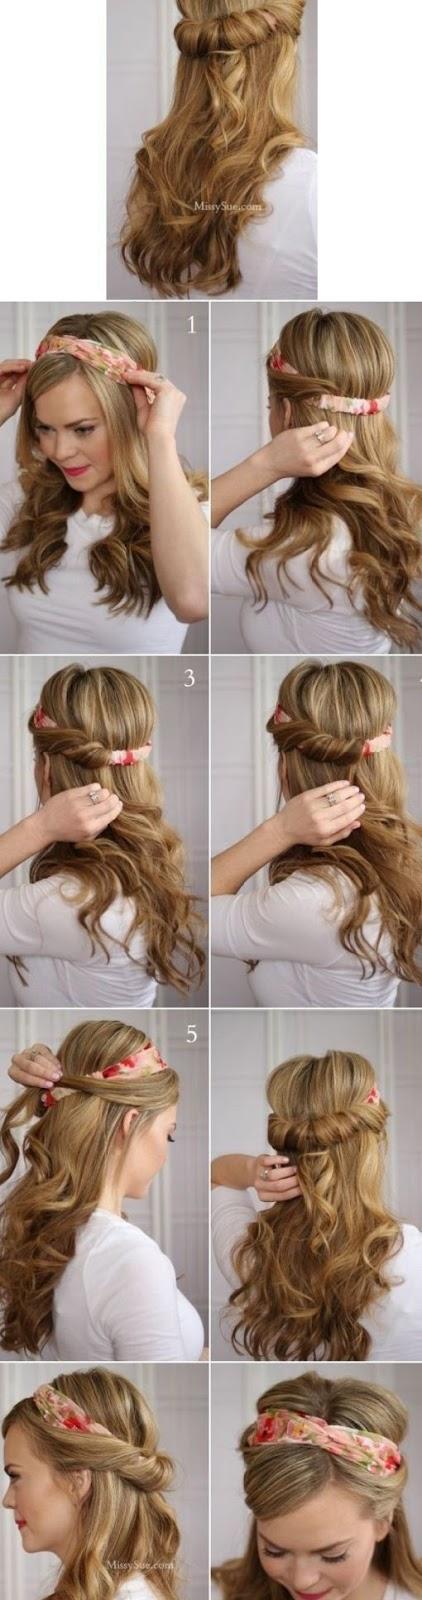 peinados-faciles-para-hacerse-una-misma-en-casa-otoño-invierno-media-cola-pañuelo